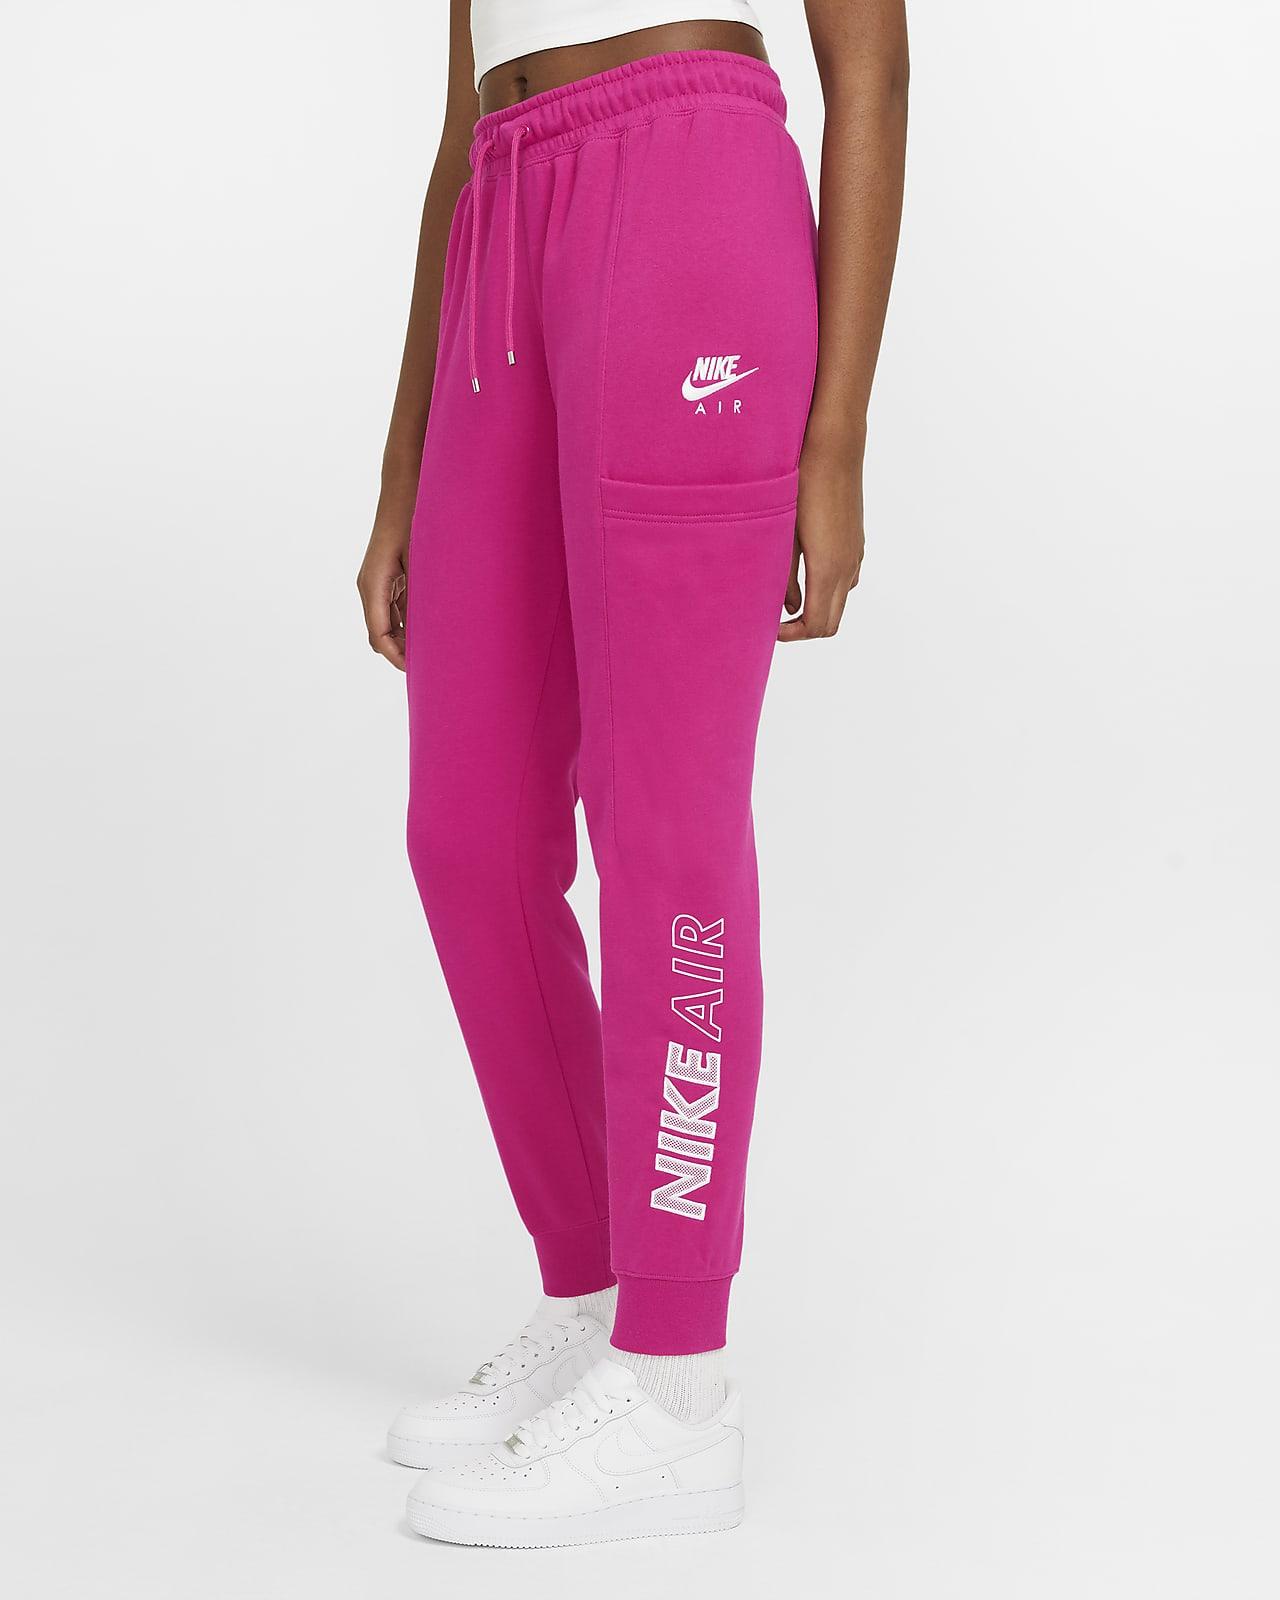 Γυναικείο φλις παντελόνι Nike Air